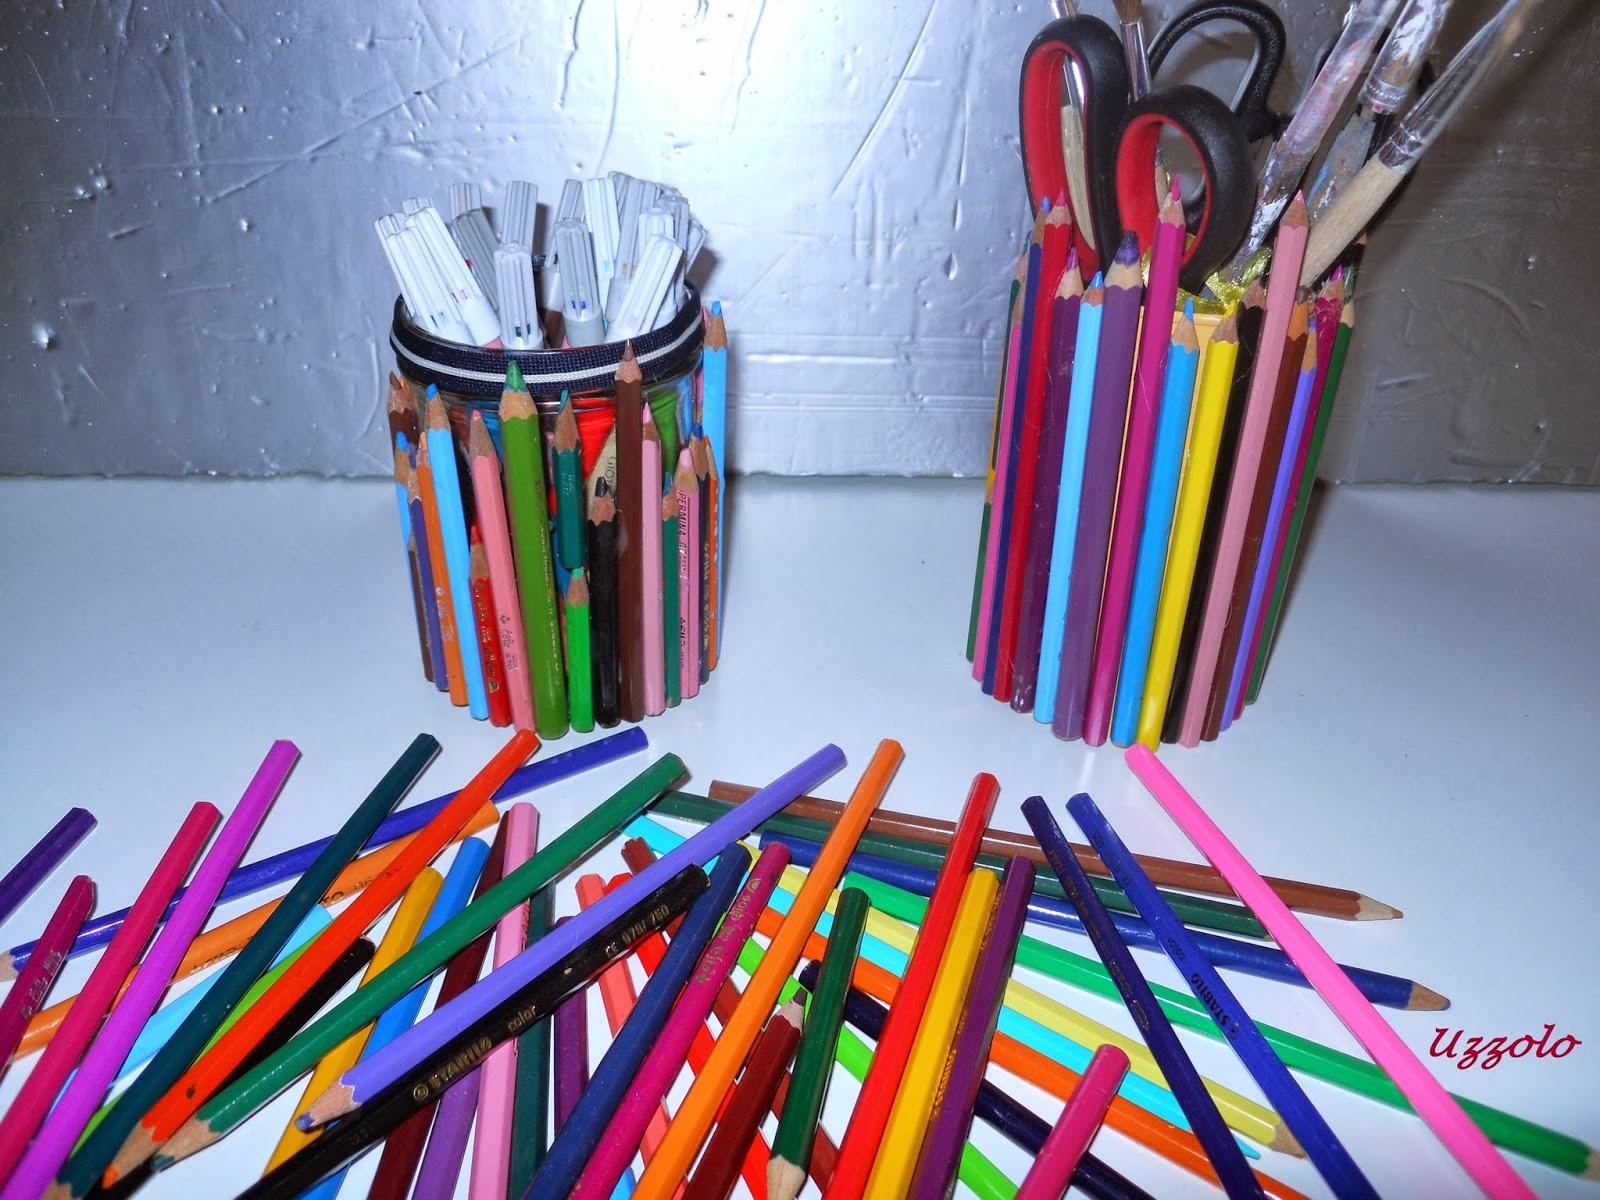 Uzzolo portapenne con le matite colorate - Portapenne da scrivania ...